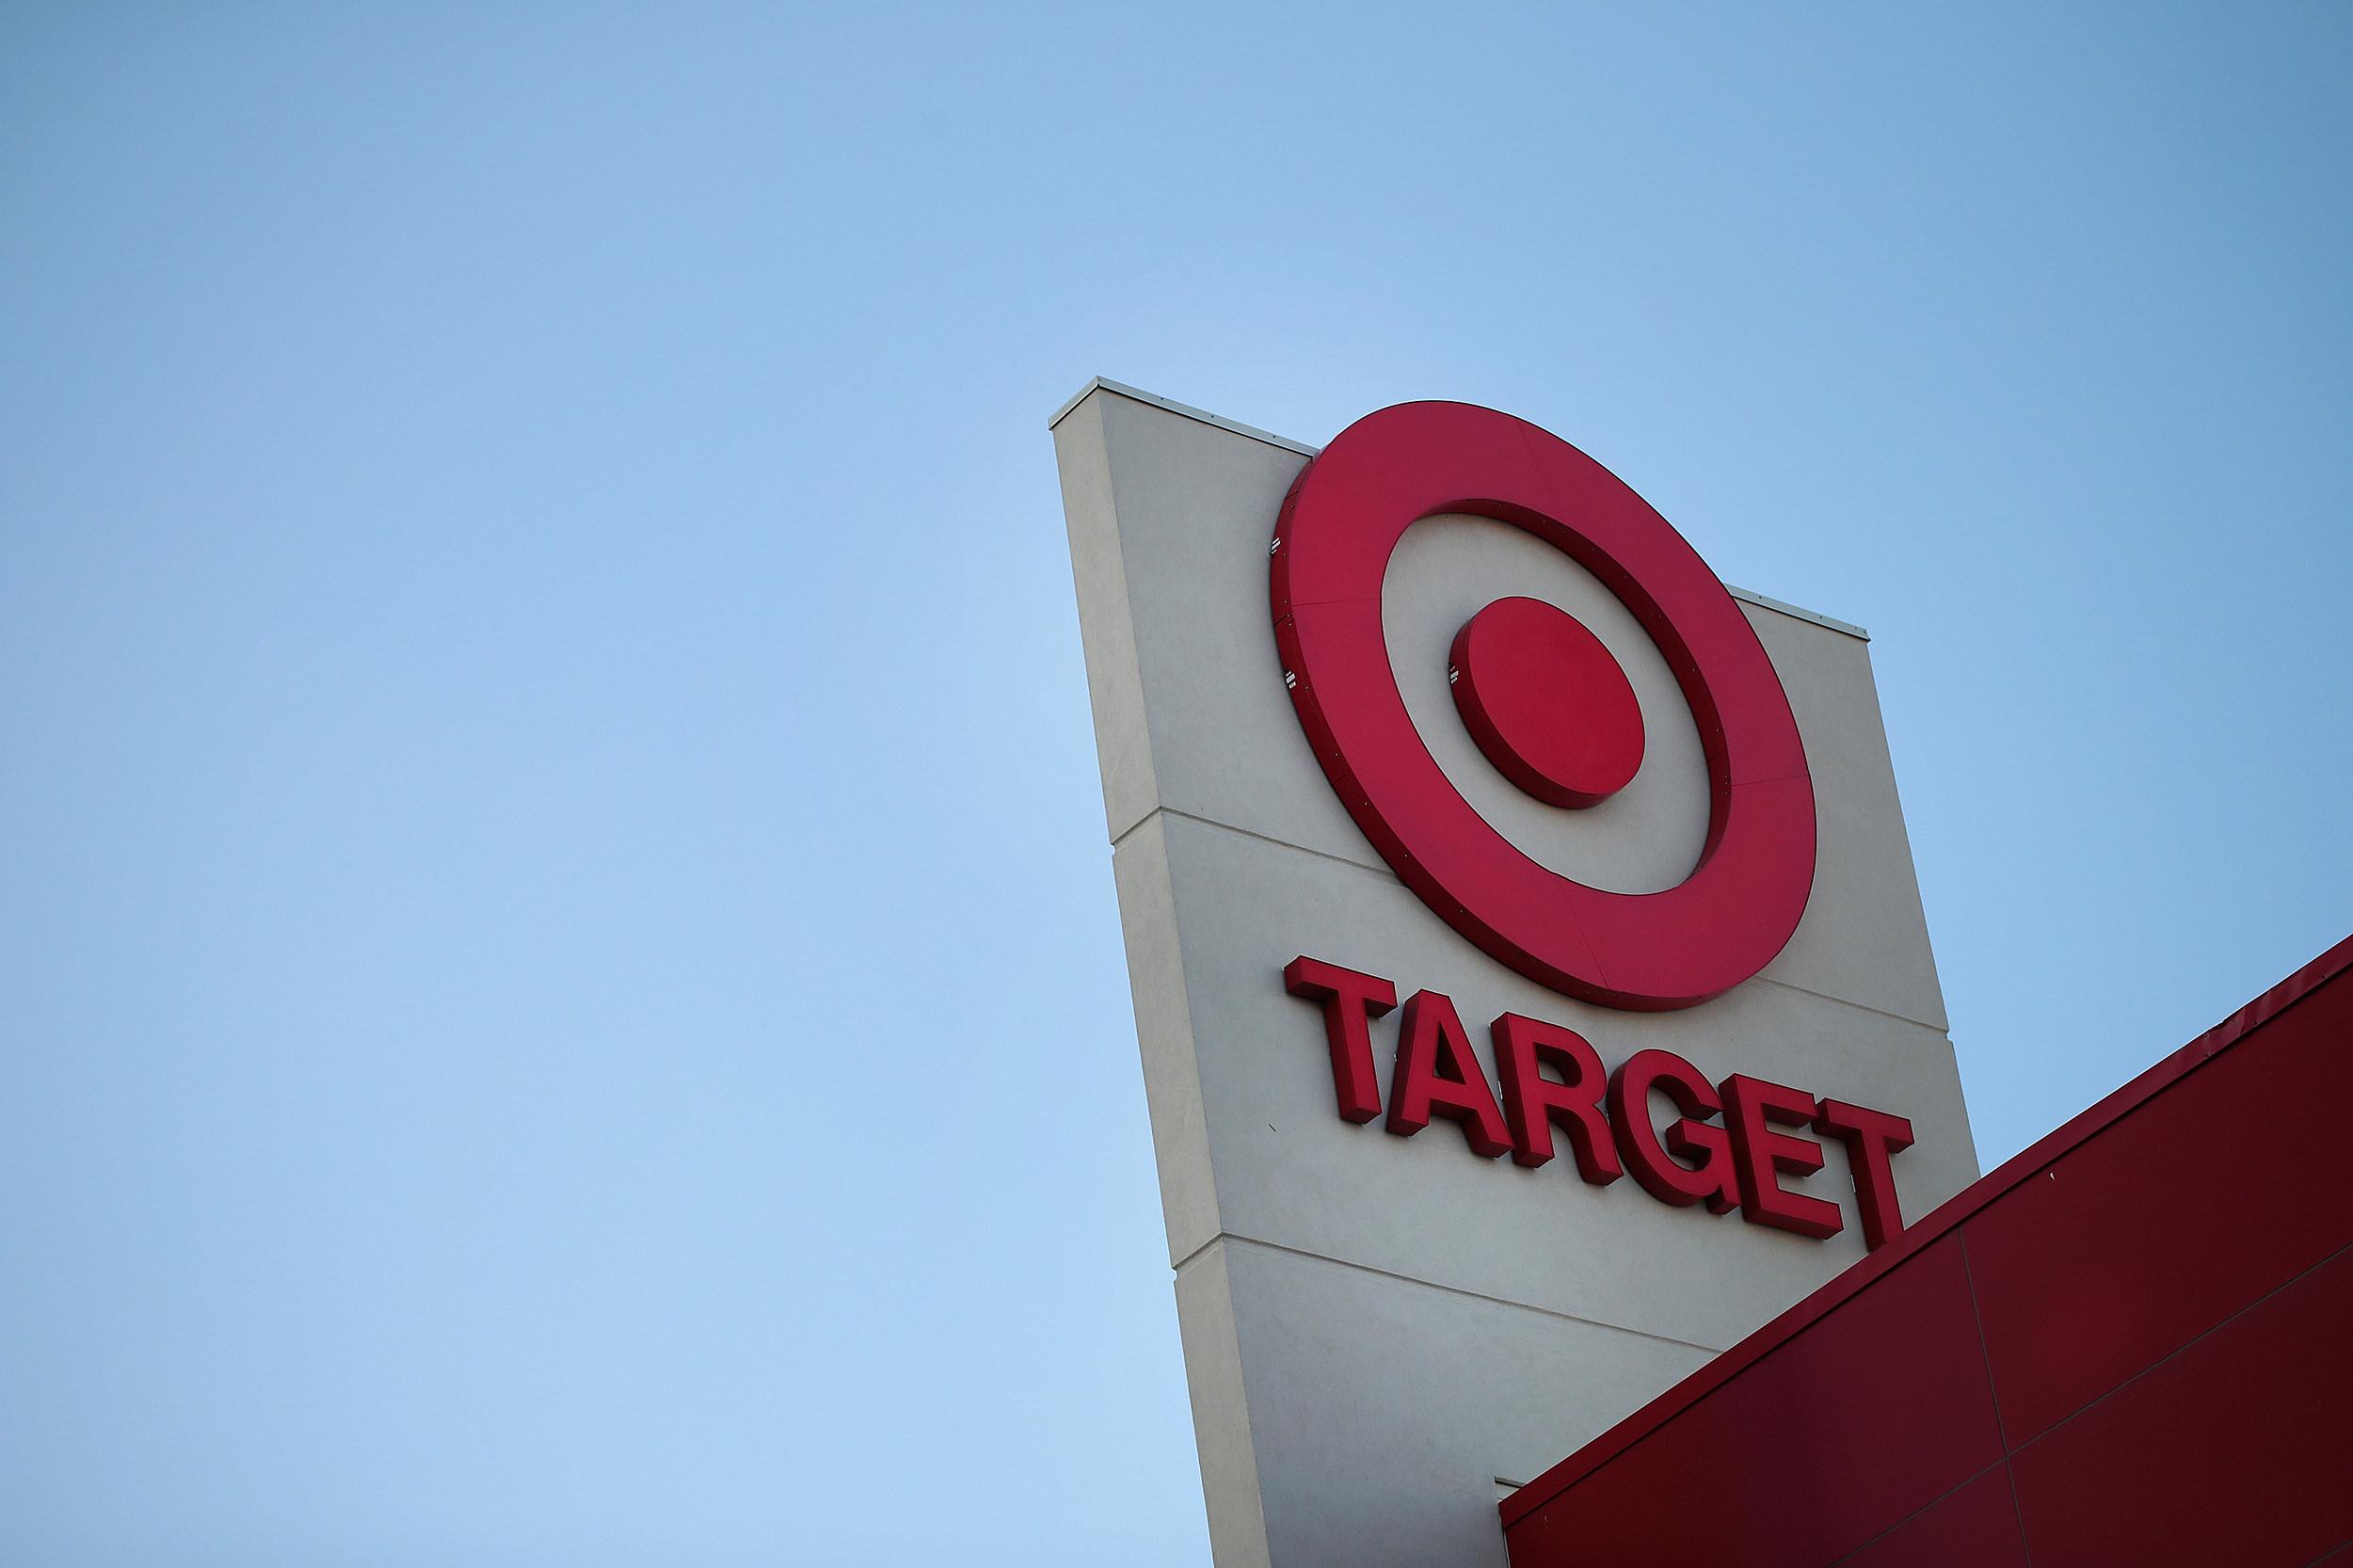 Target Stocks Jump After Retailer Beats Third Quarter Expectations